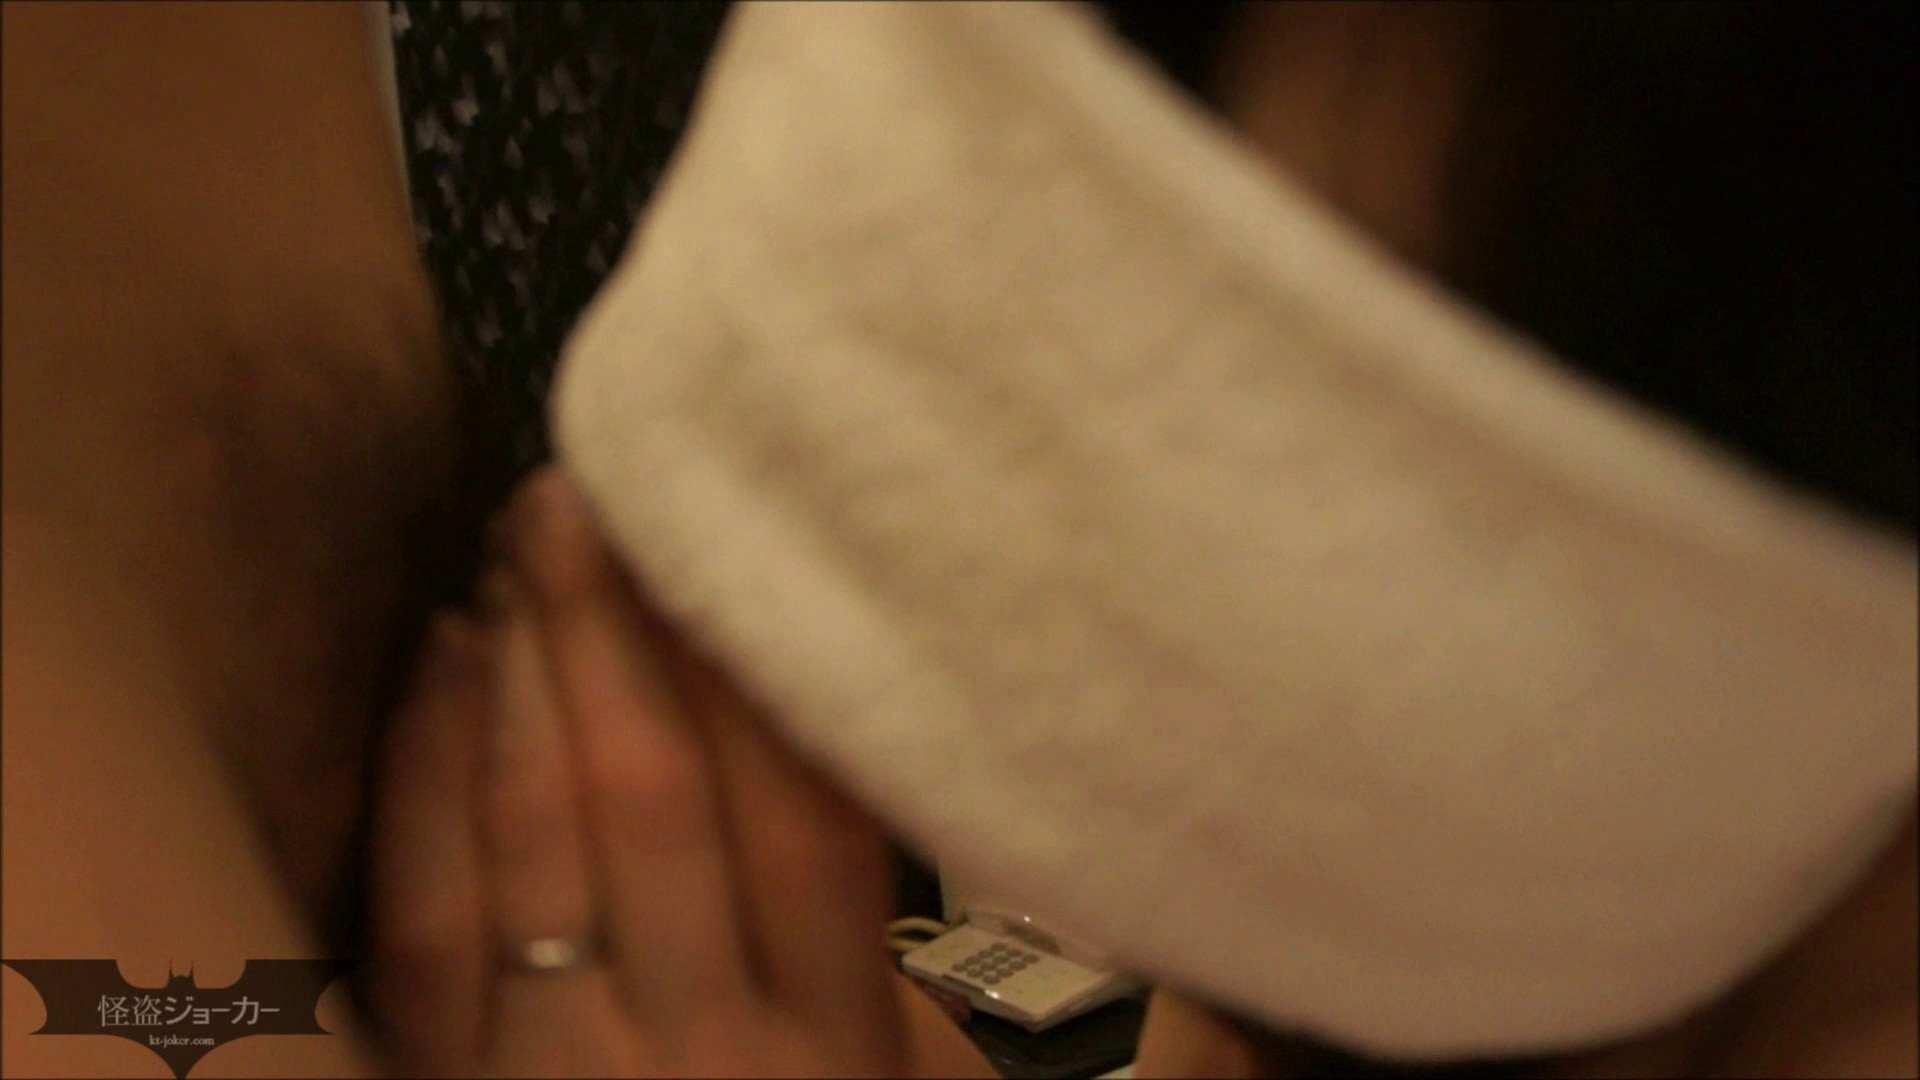 ヤリマンのオマンコ:【未公開】vol.18 燃え上がる若奥様・Y子さん31歳② 左手薬指に光るモノ。:怪盗ジョーカー